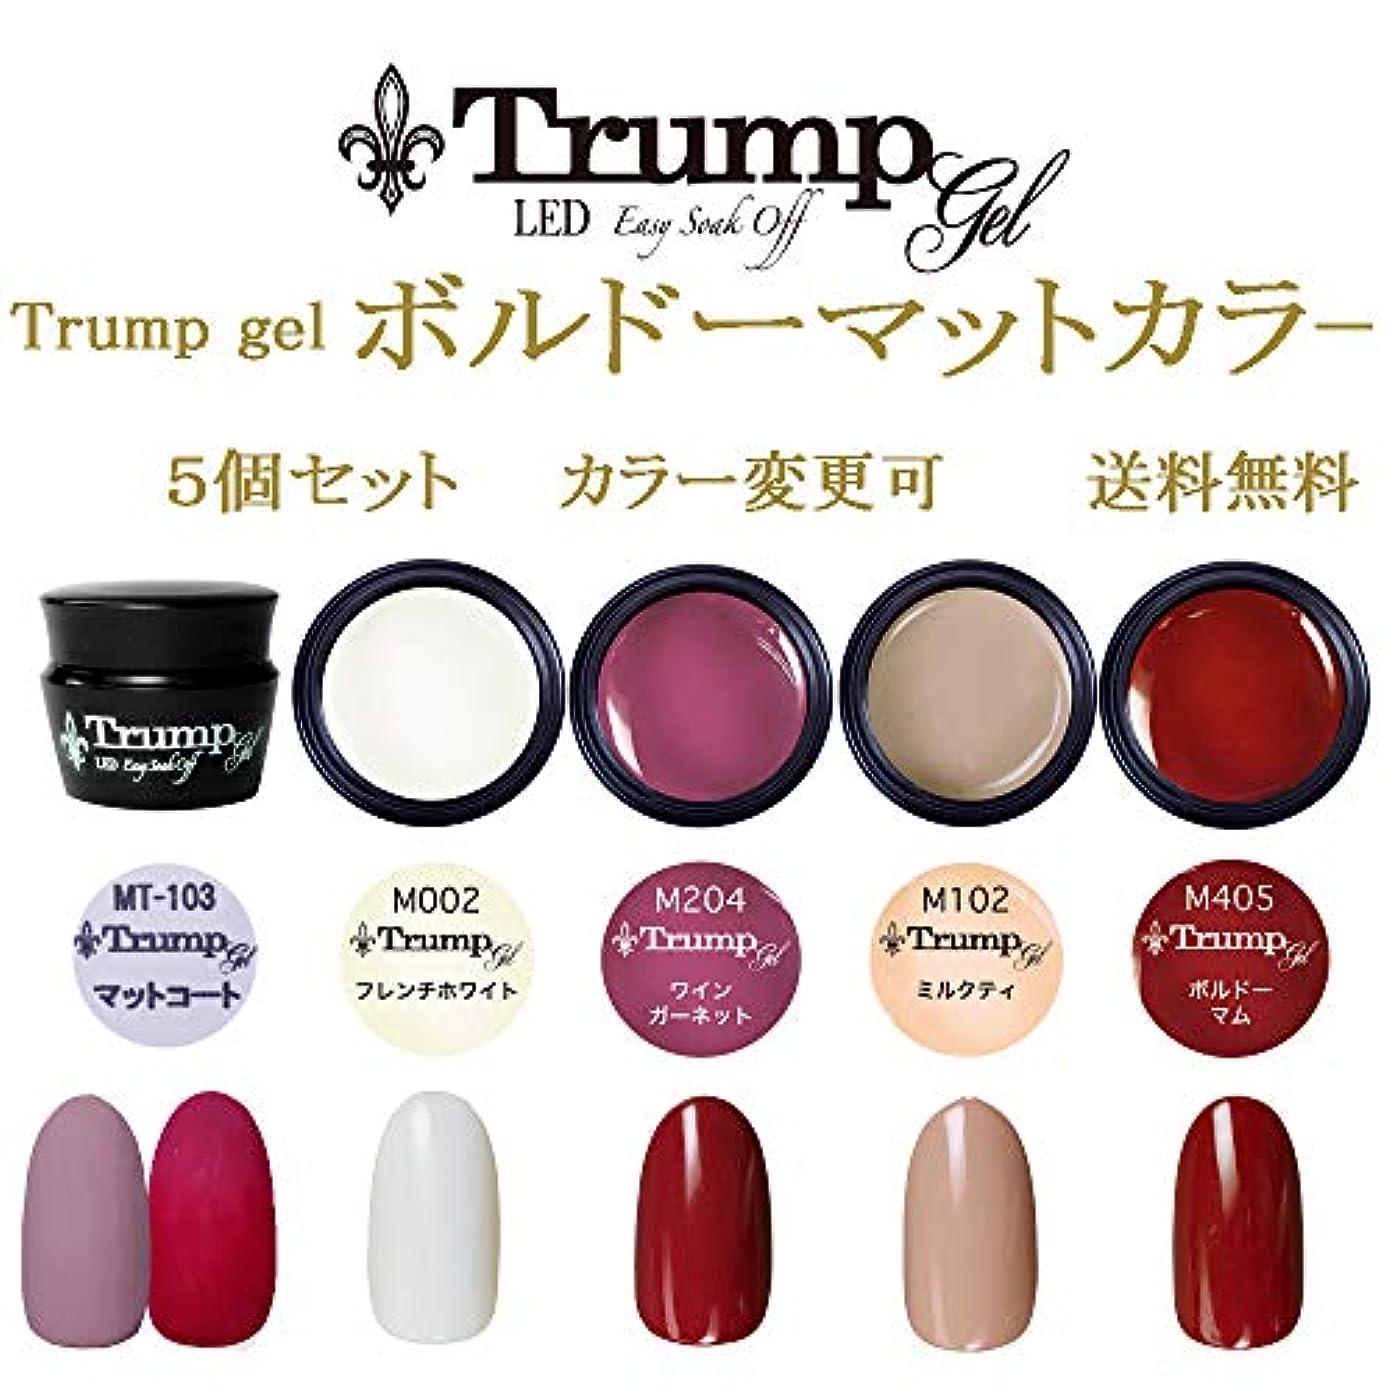 同化する除外する援助日本製 Trump gel トランプジェル ボルドー マット カラー 選べる カラージェル 5個セット マットコート ホワイト ワイン レッド ベージュ